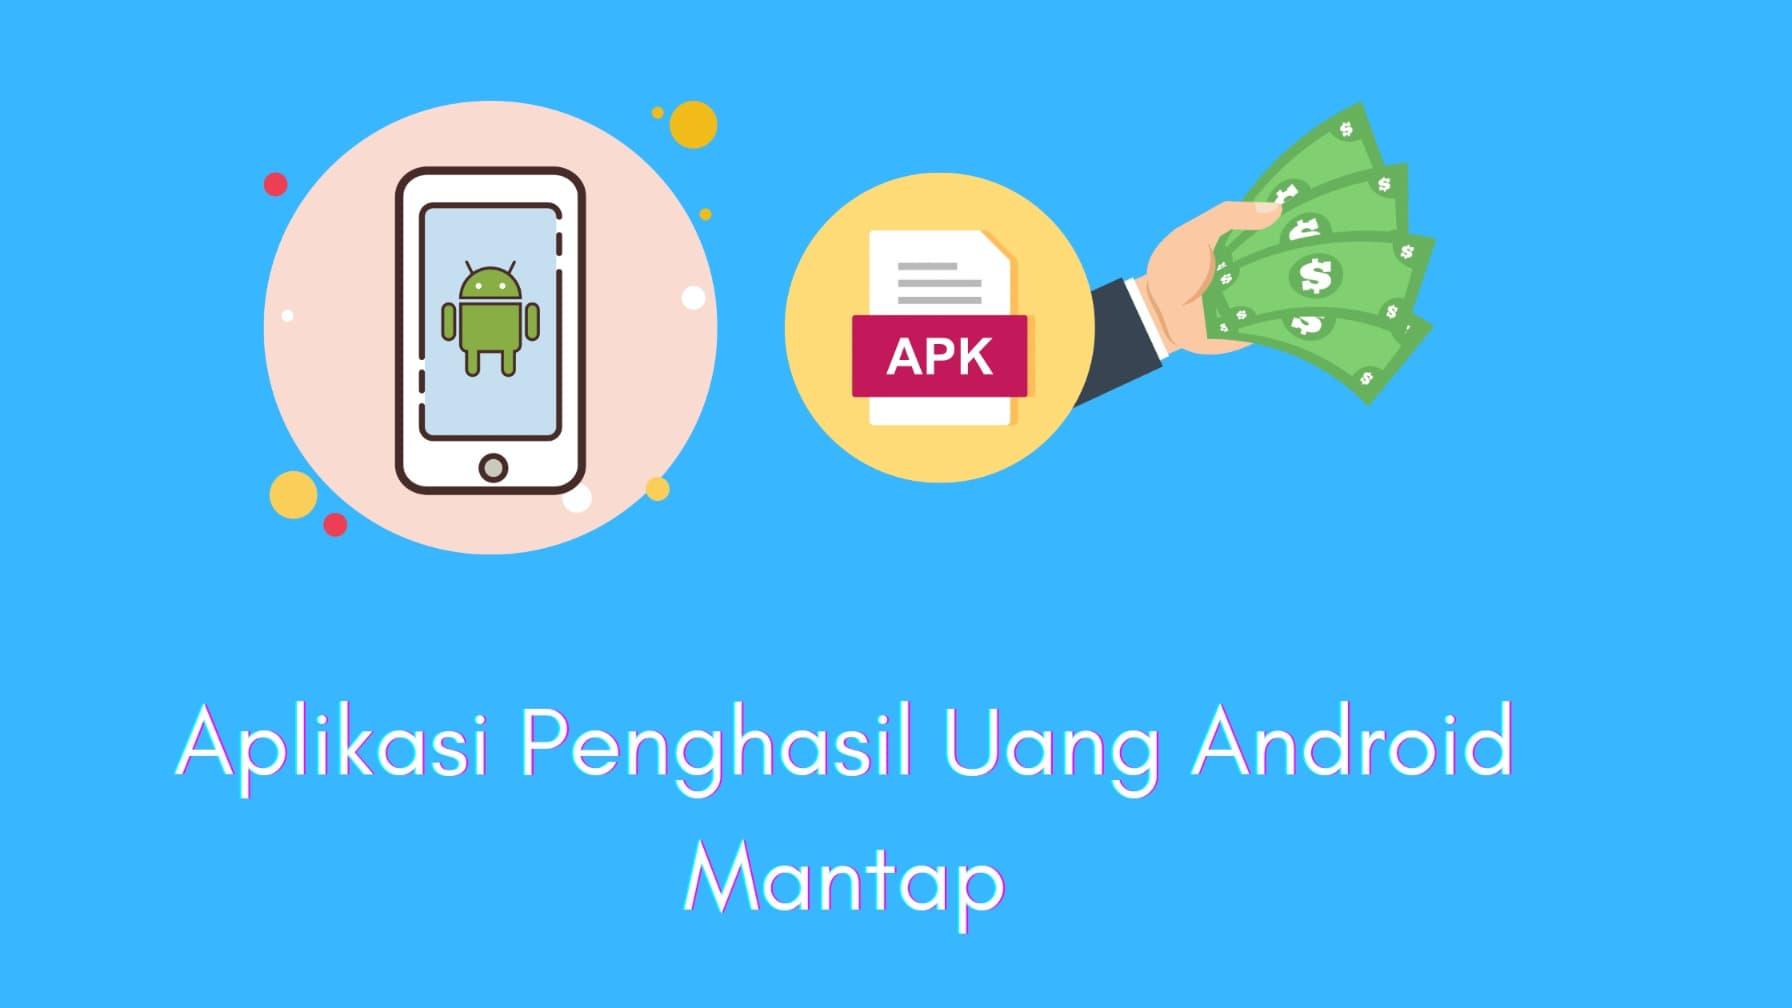 10 Aplikasi Penghasil Uang Di Android Wajib Coba Mencari Inspirasi